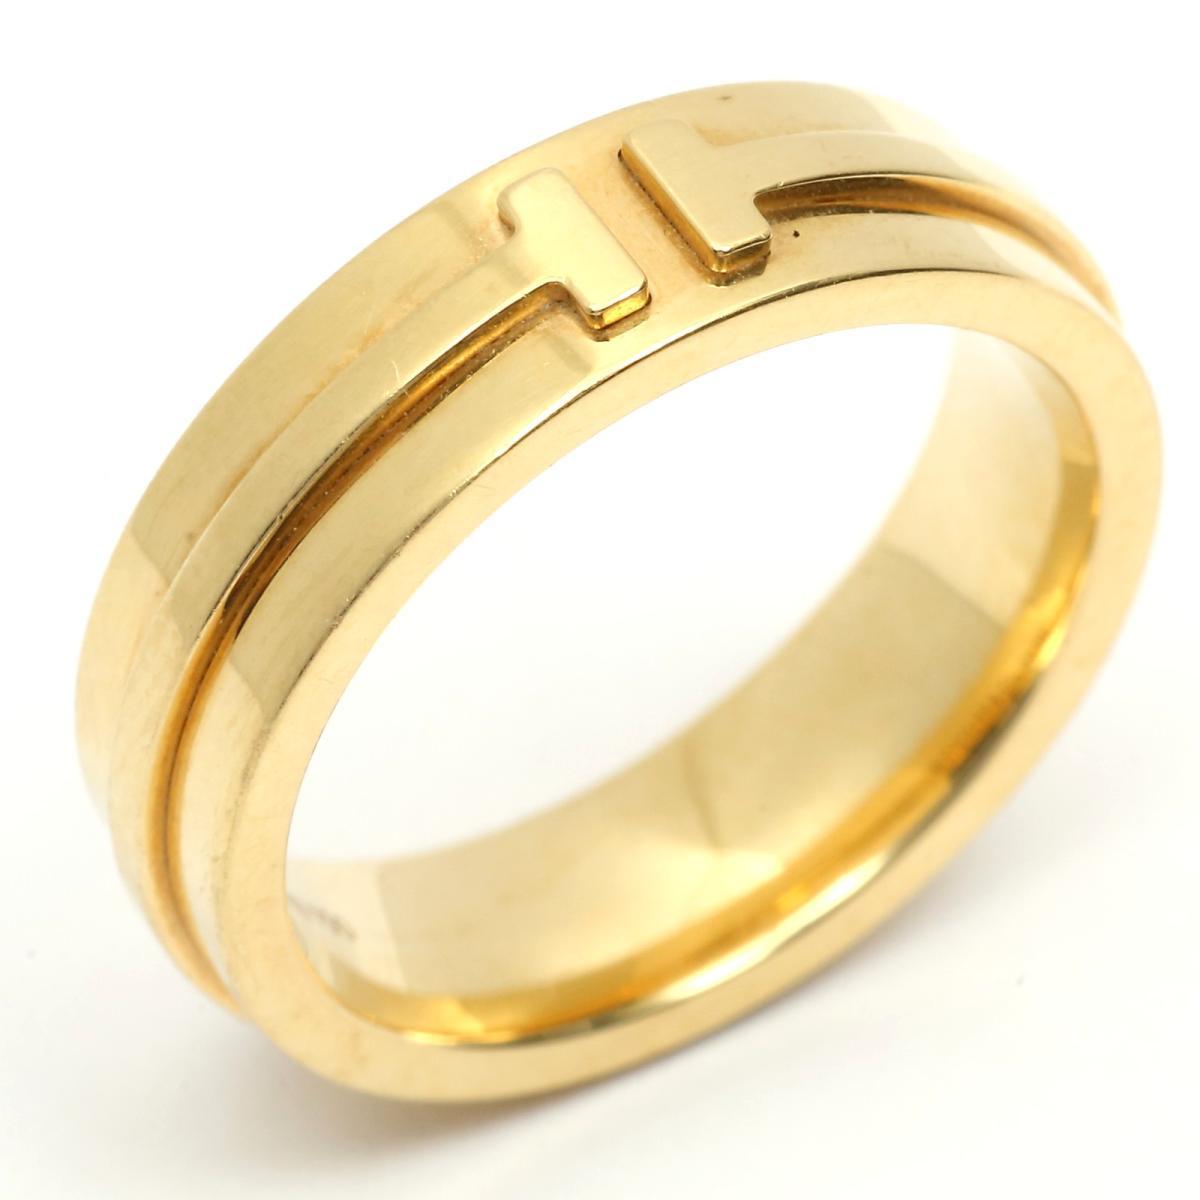 【返品?交換対象商品】 【】 ティファニー T TWO ナローリング 指輪 レディース K18YG (750) イエローゴールド   TIFFANY&CO リング T TWO ナローリング K18 18金 美品 ブランドオフ, tuyet voi 6c46932d